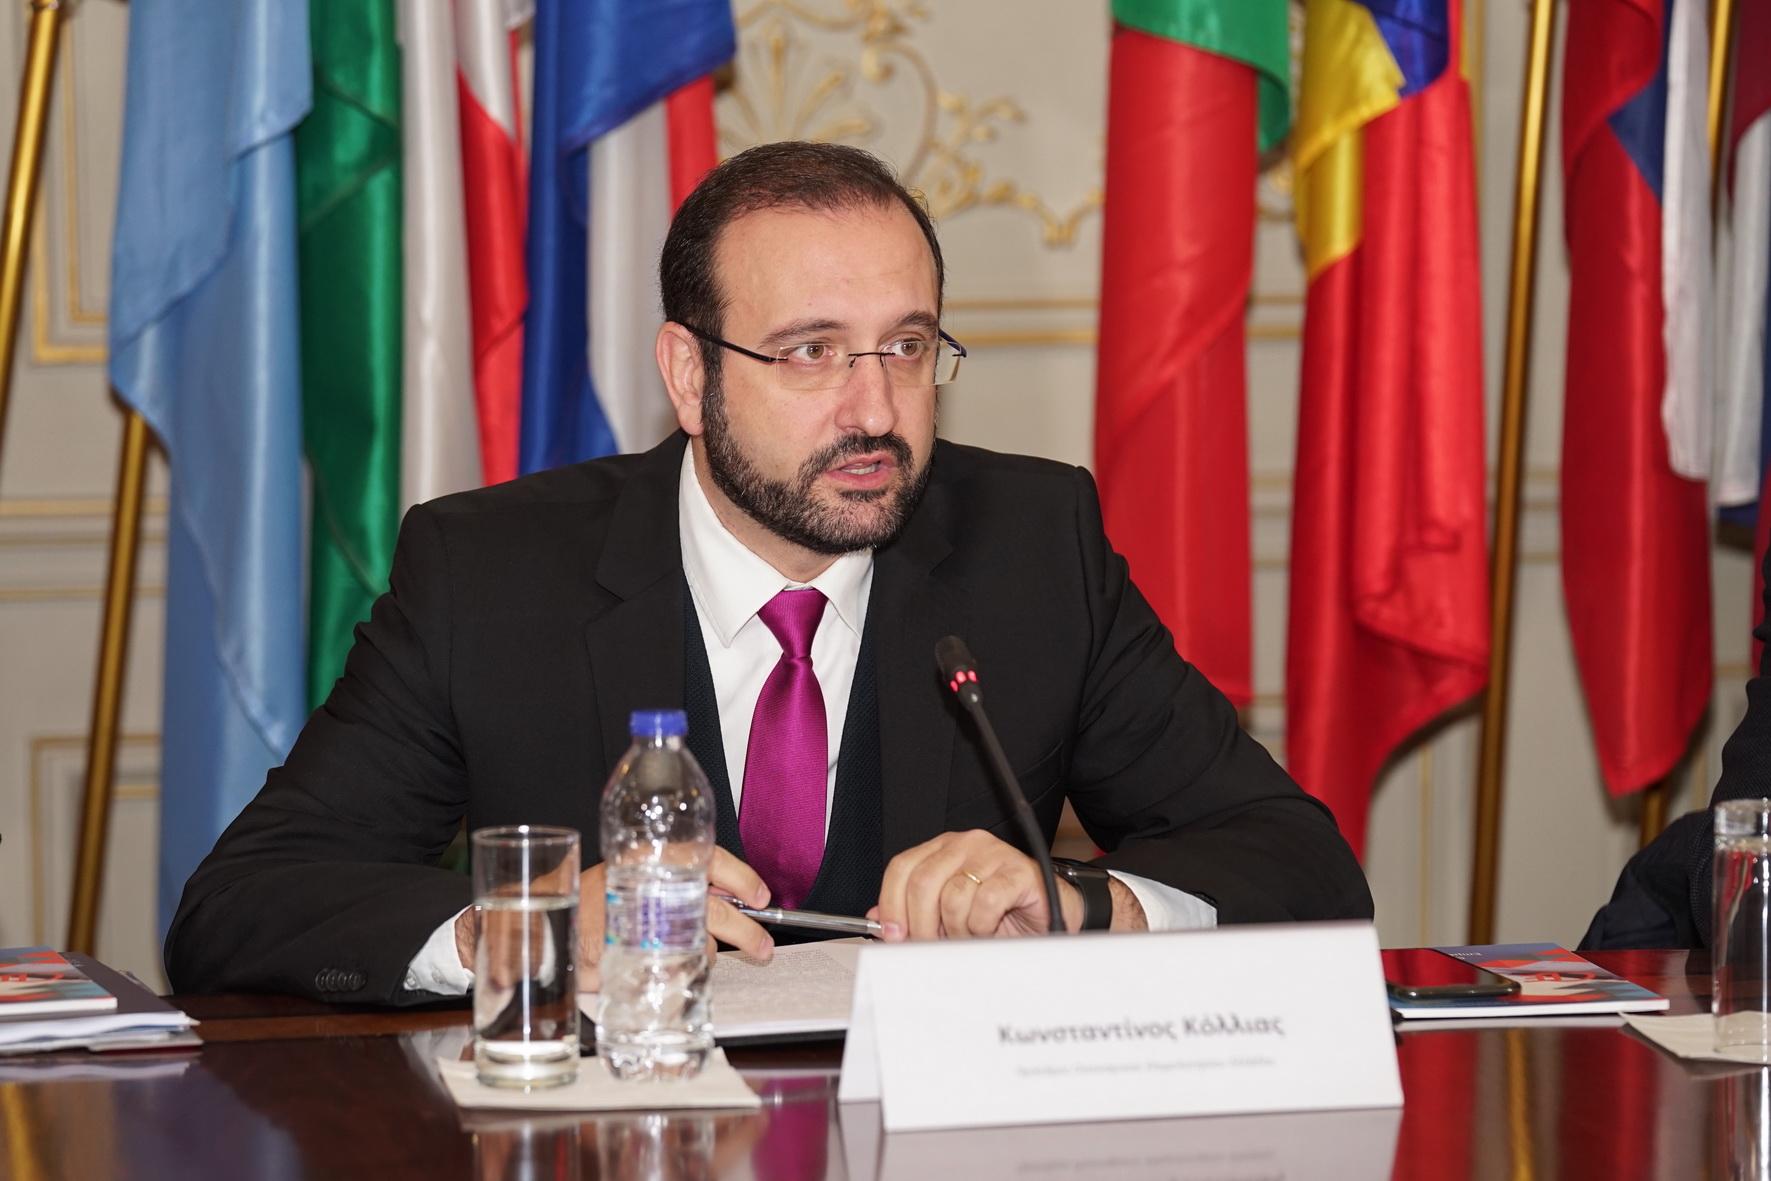 Πρόεδρος ΟΕΕ: Ημέρα δικαίωσης όλων των ελεύθερων επαγγελματιών